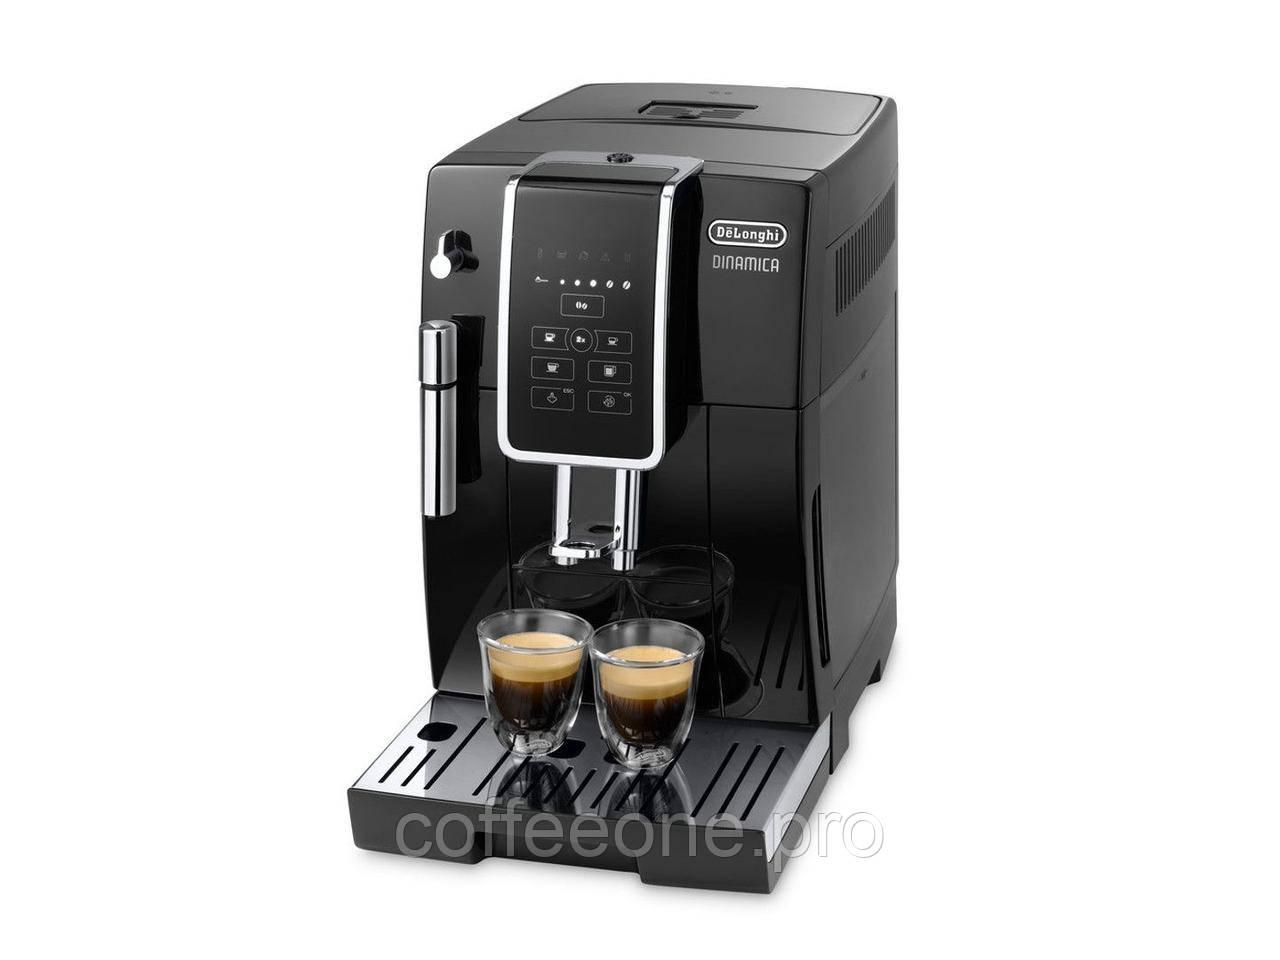 Автоматическая кофемашина DeLonghi ECAM 350.15 B Dinamica